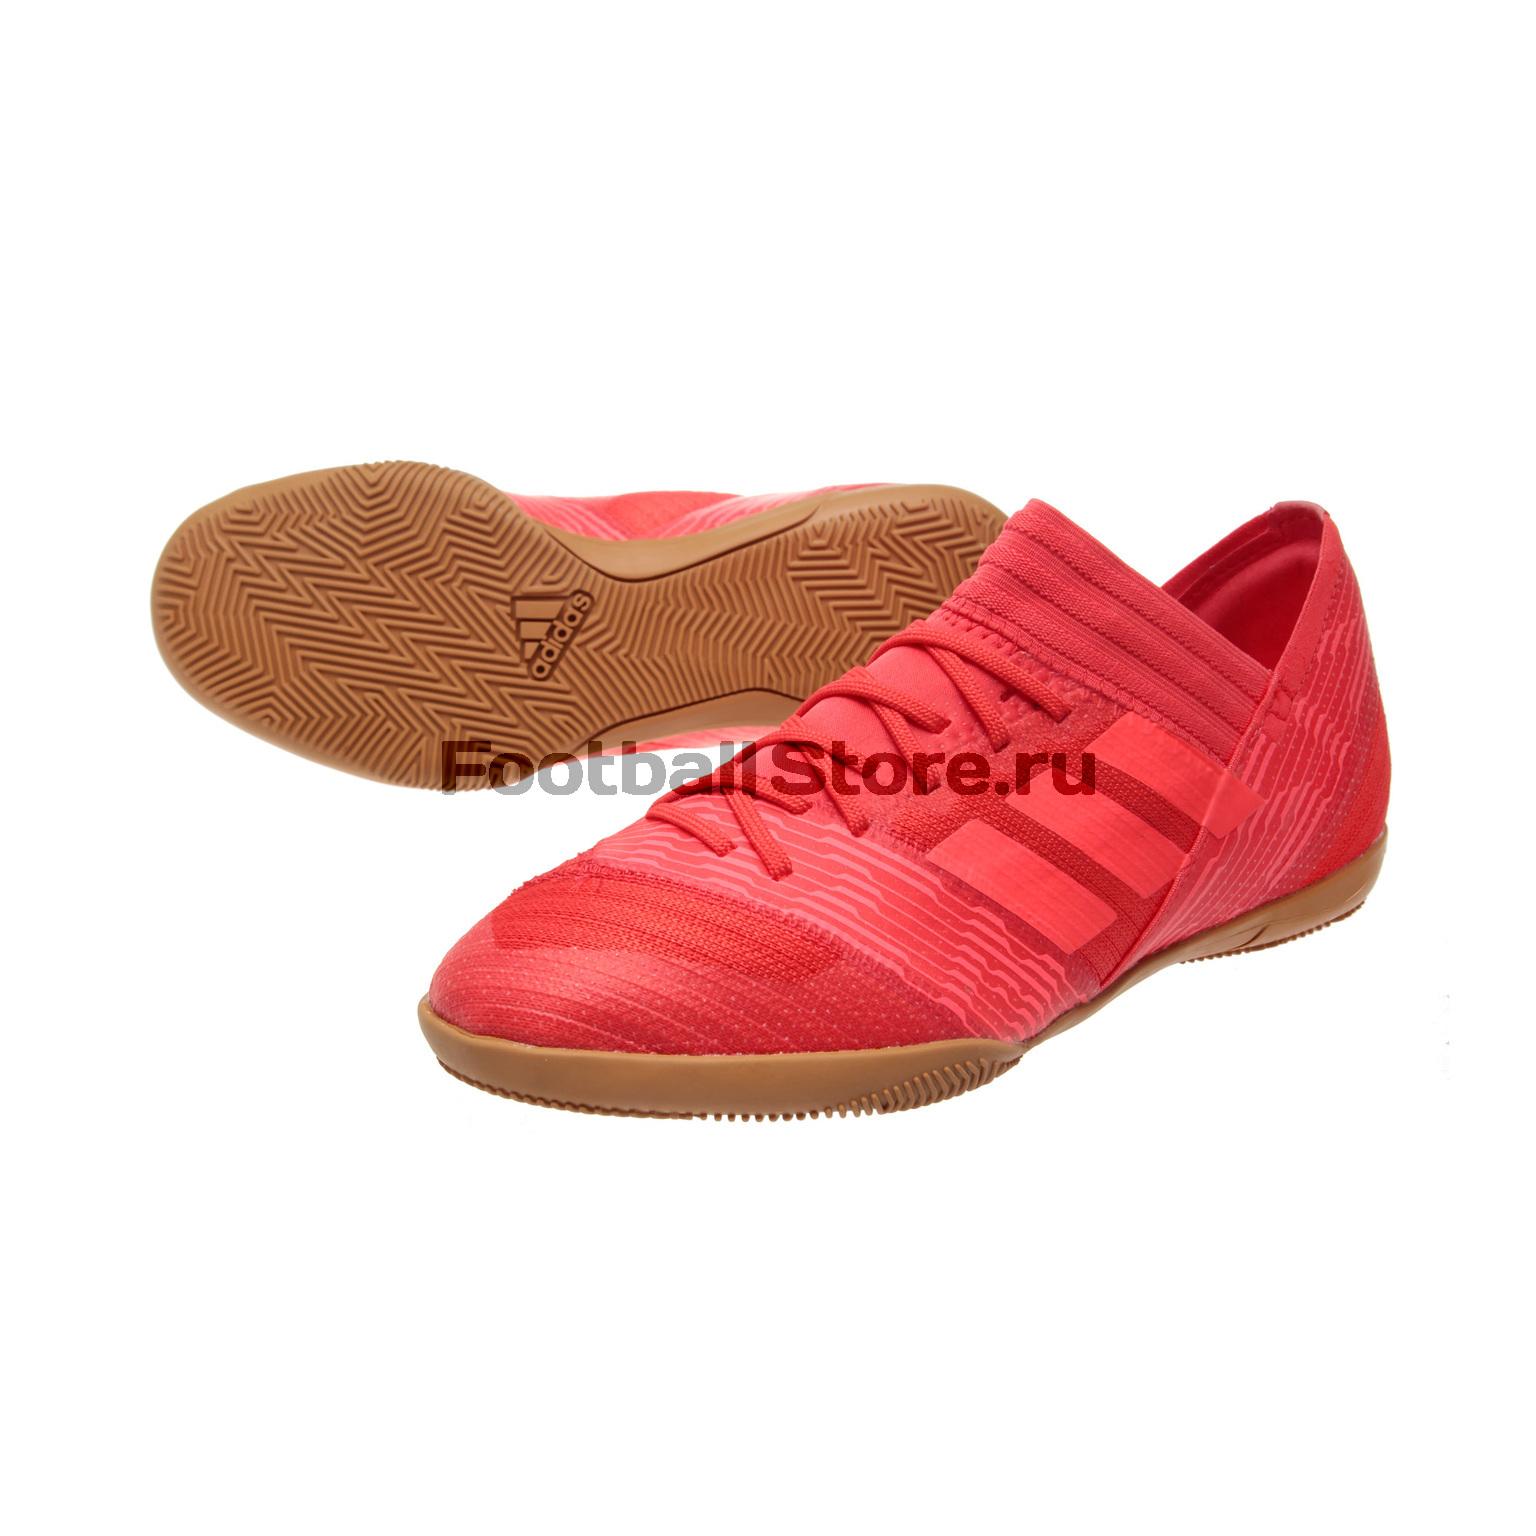 Обувь для зала Adidas Nemeziz Tango 17.3 IN JR CP9183 обувь для зала adidas nemeziz tango 17 3 in jr cp9182